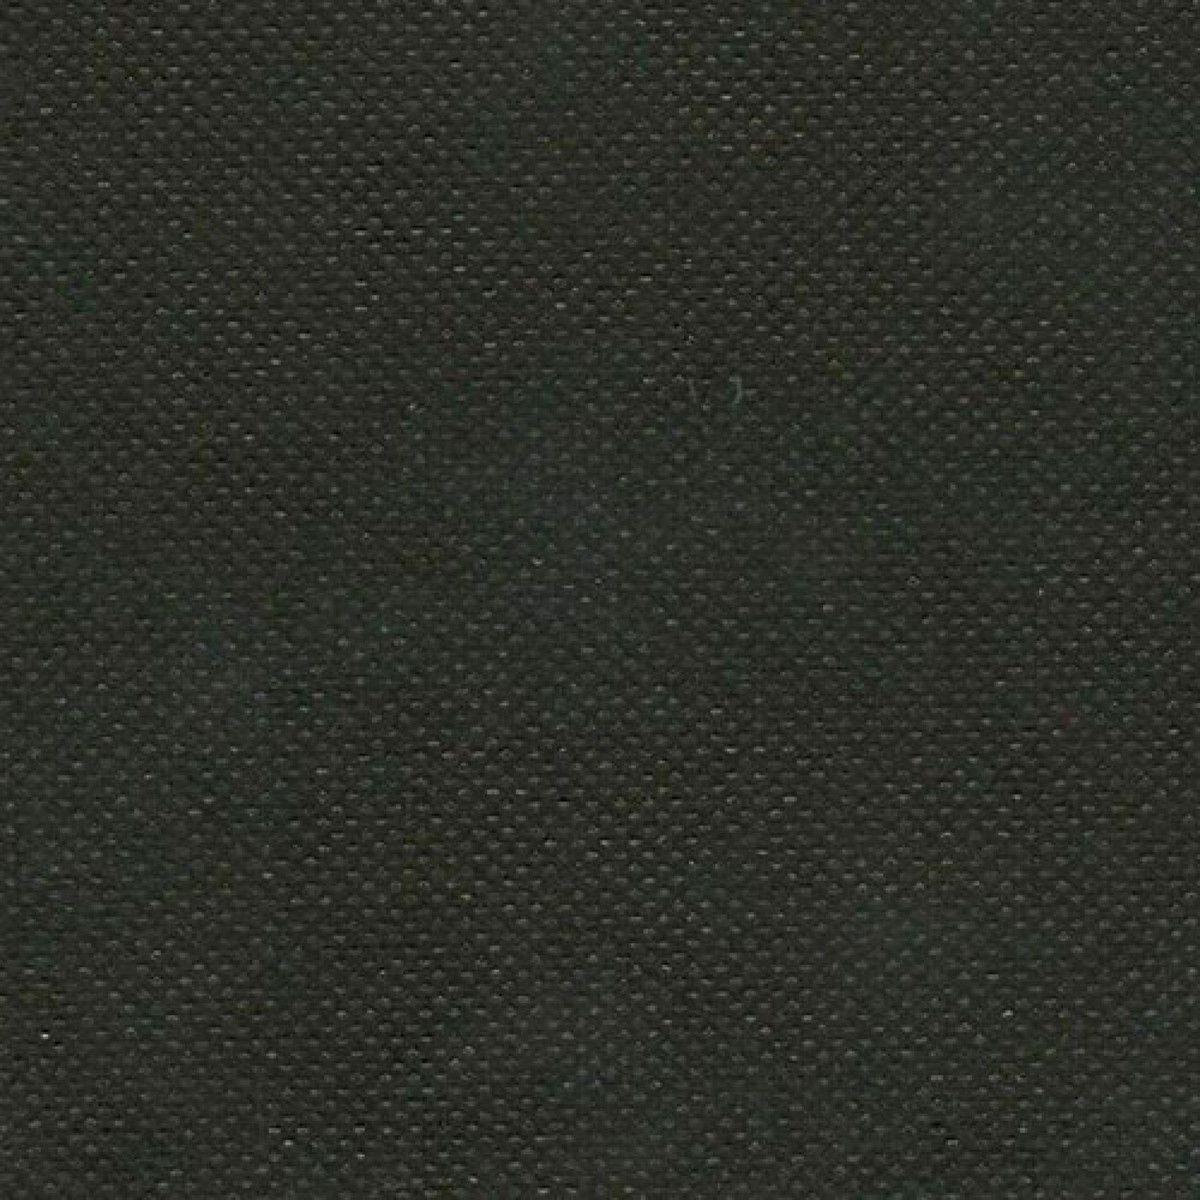 TNT Preto 40g  - Tecidos Digitais